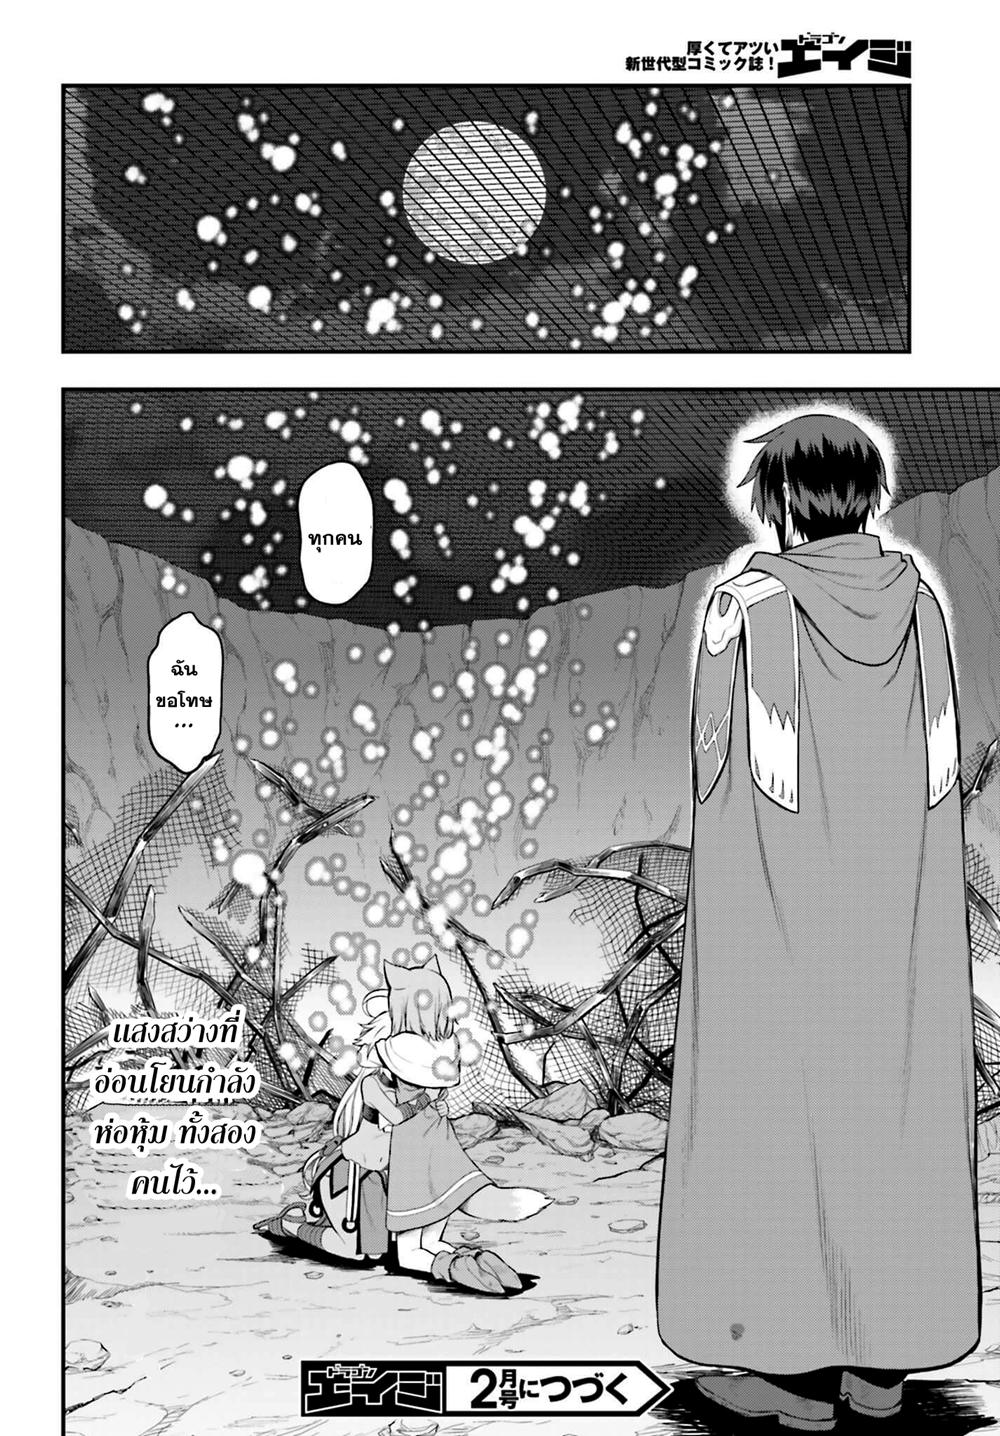 อ่านการ์ตูน Konjiki no Word Master 14 ภาพที่ 31